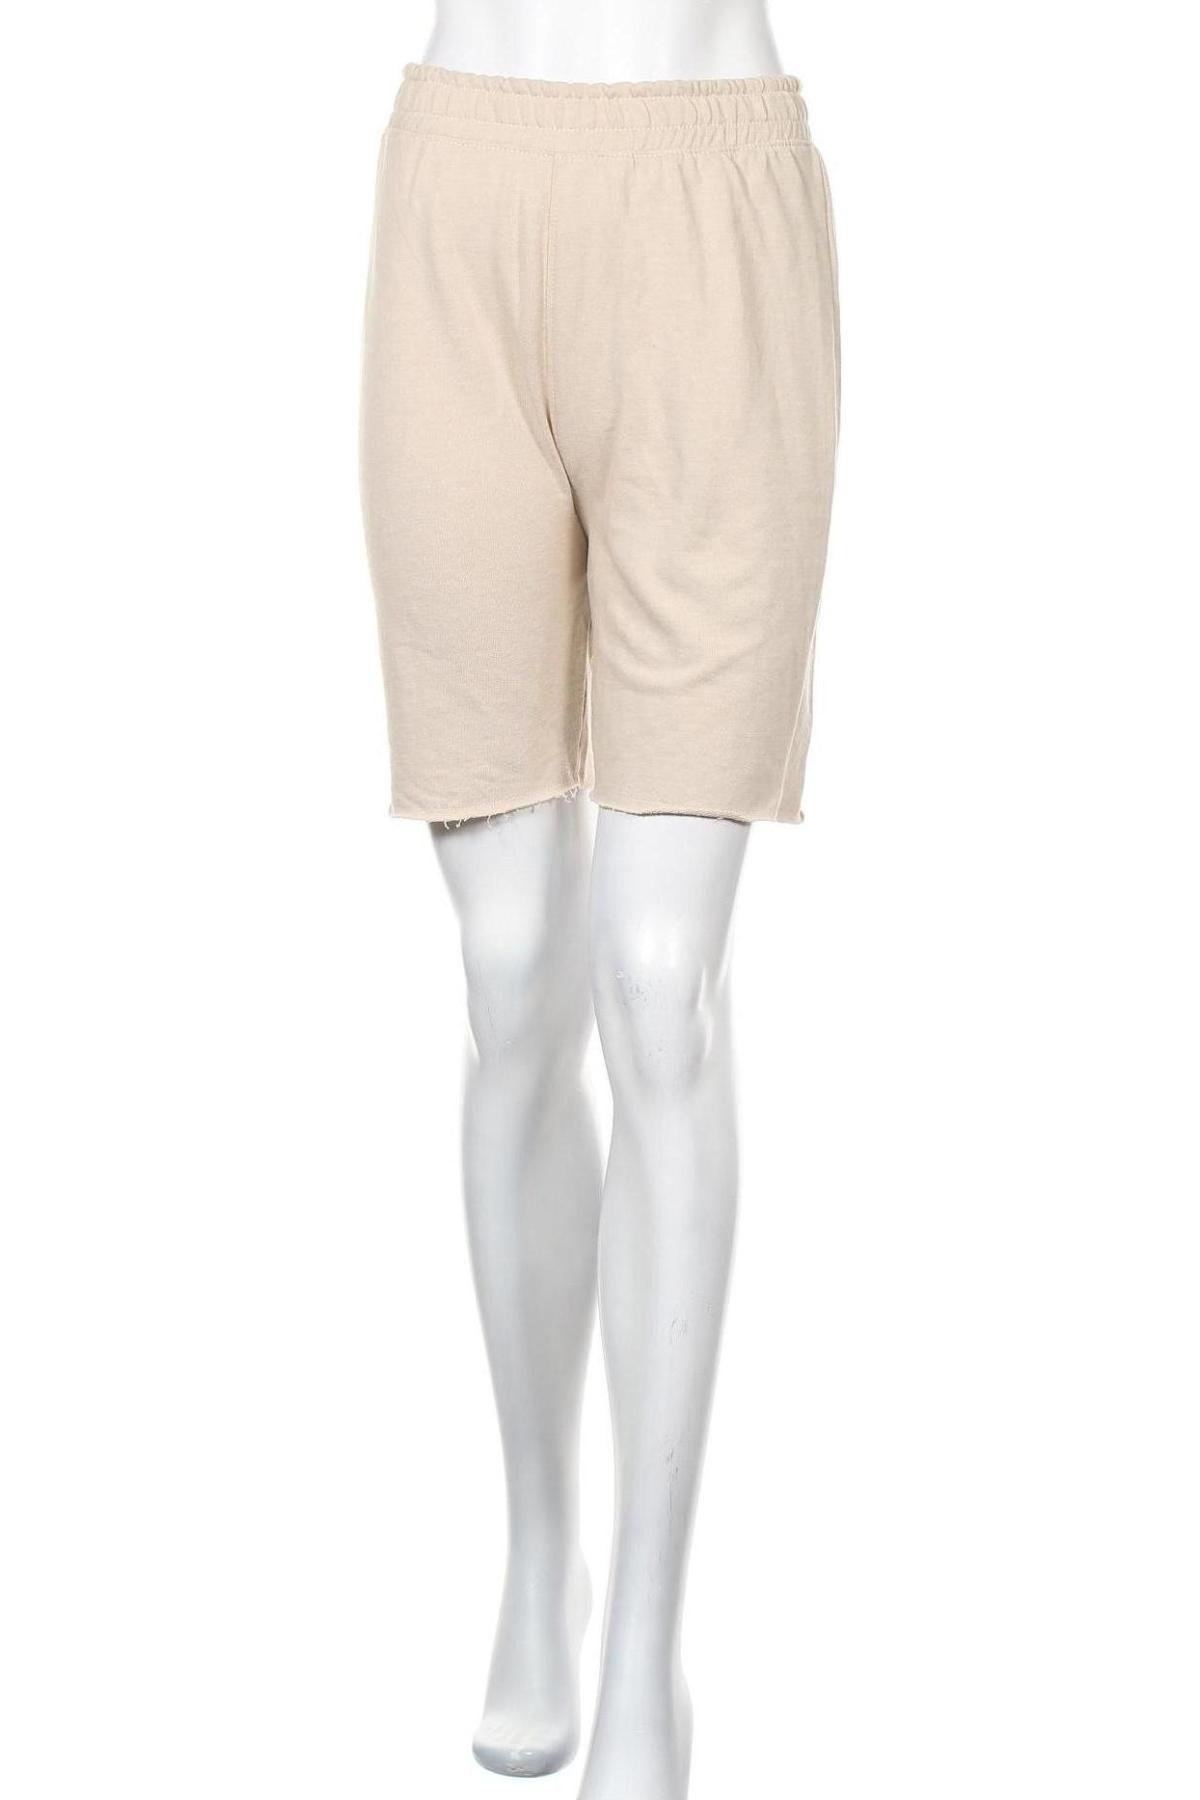 Γυναικείο κοντό παντελόνι Missguided, Μέγεθος S, Χρώμα  Μπέζ, 55% πολυεστέρας, 45% βαμβάκι, Τιμή 8,77€